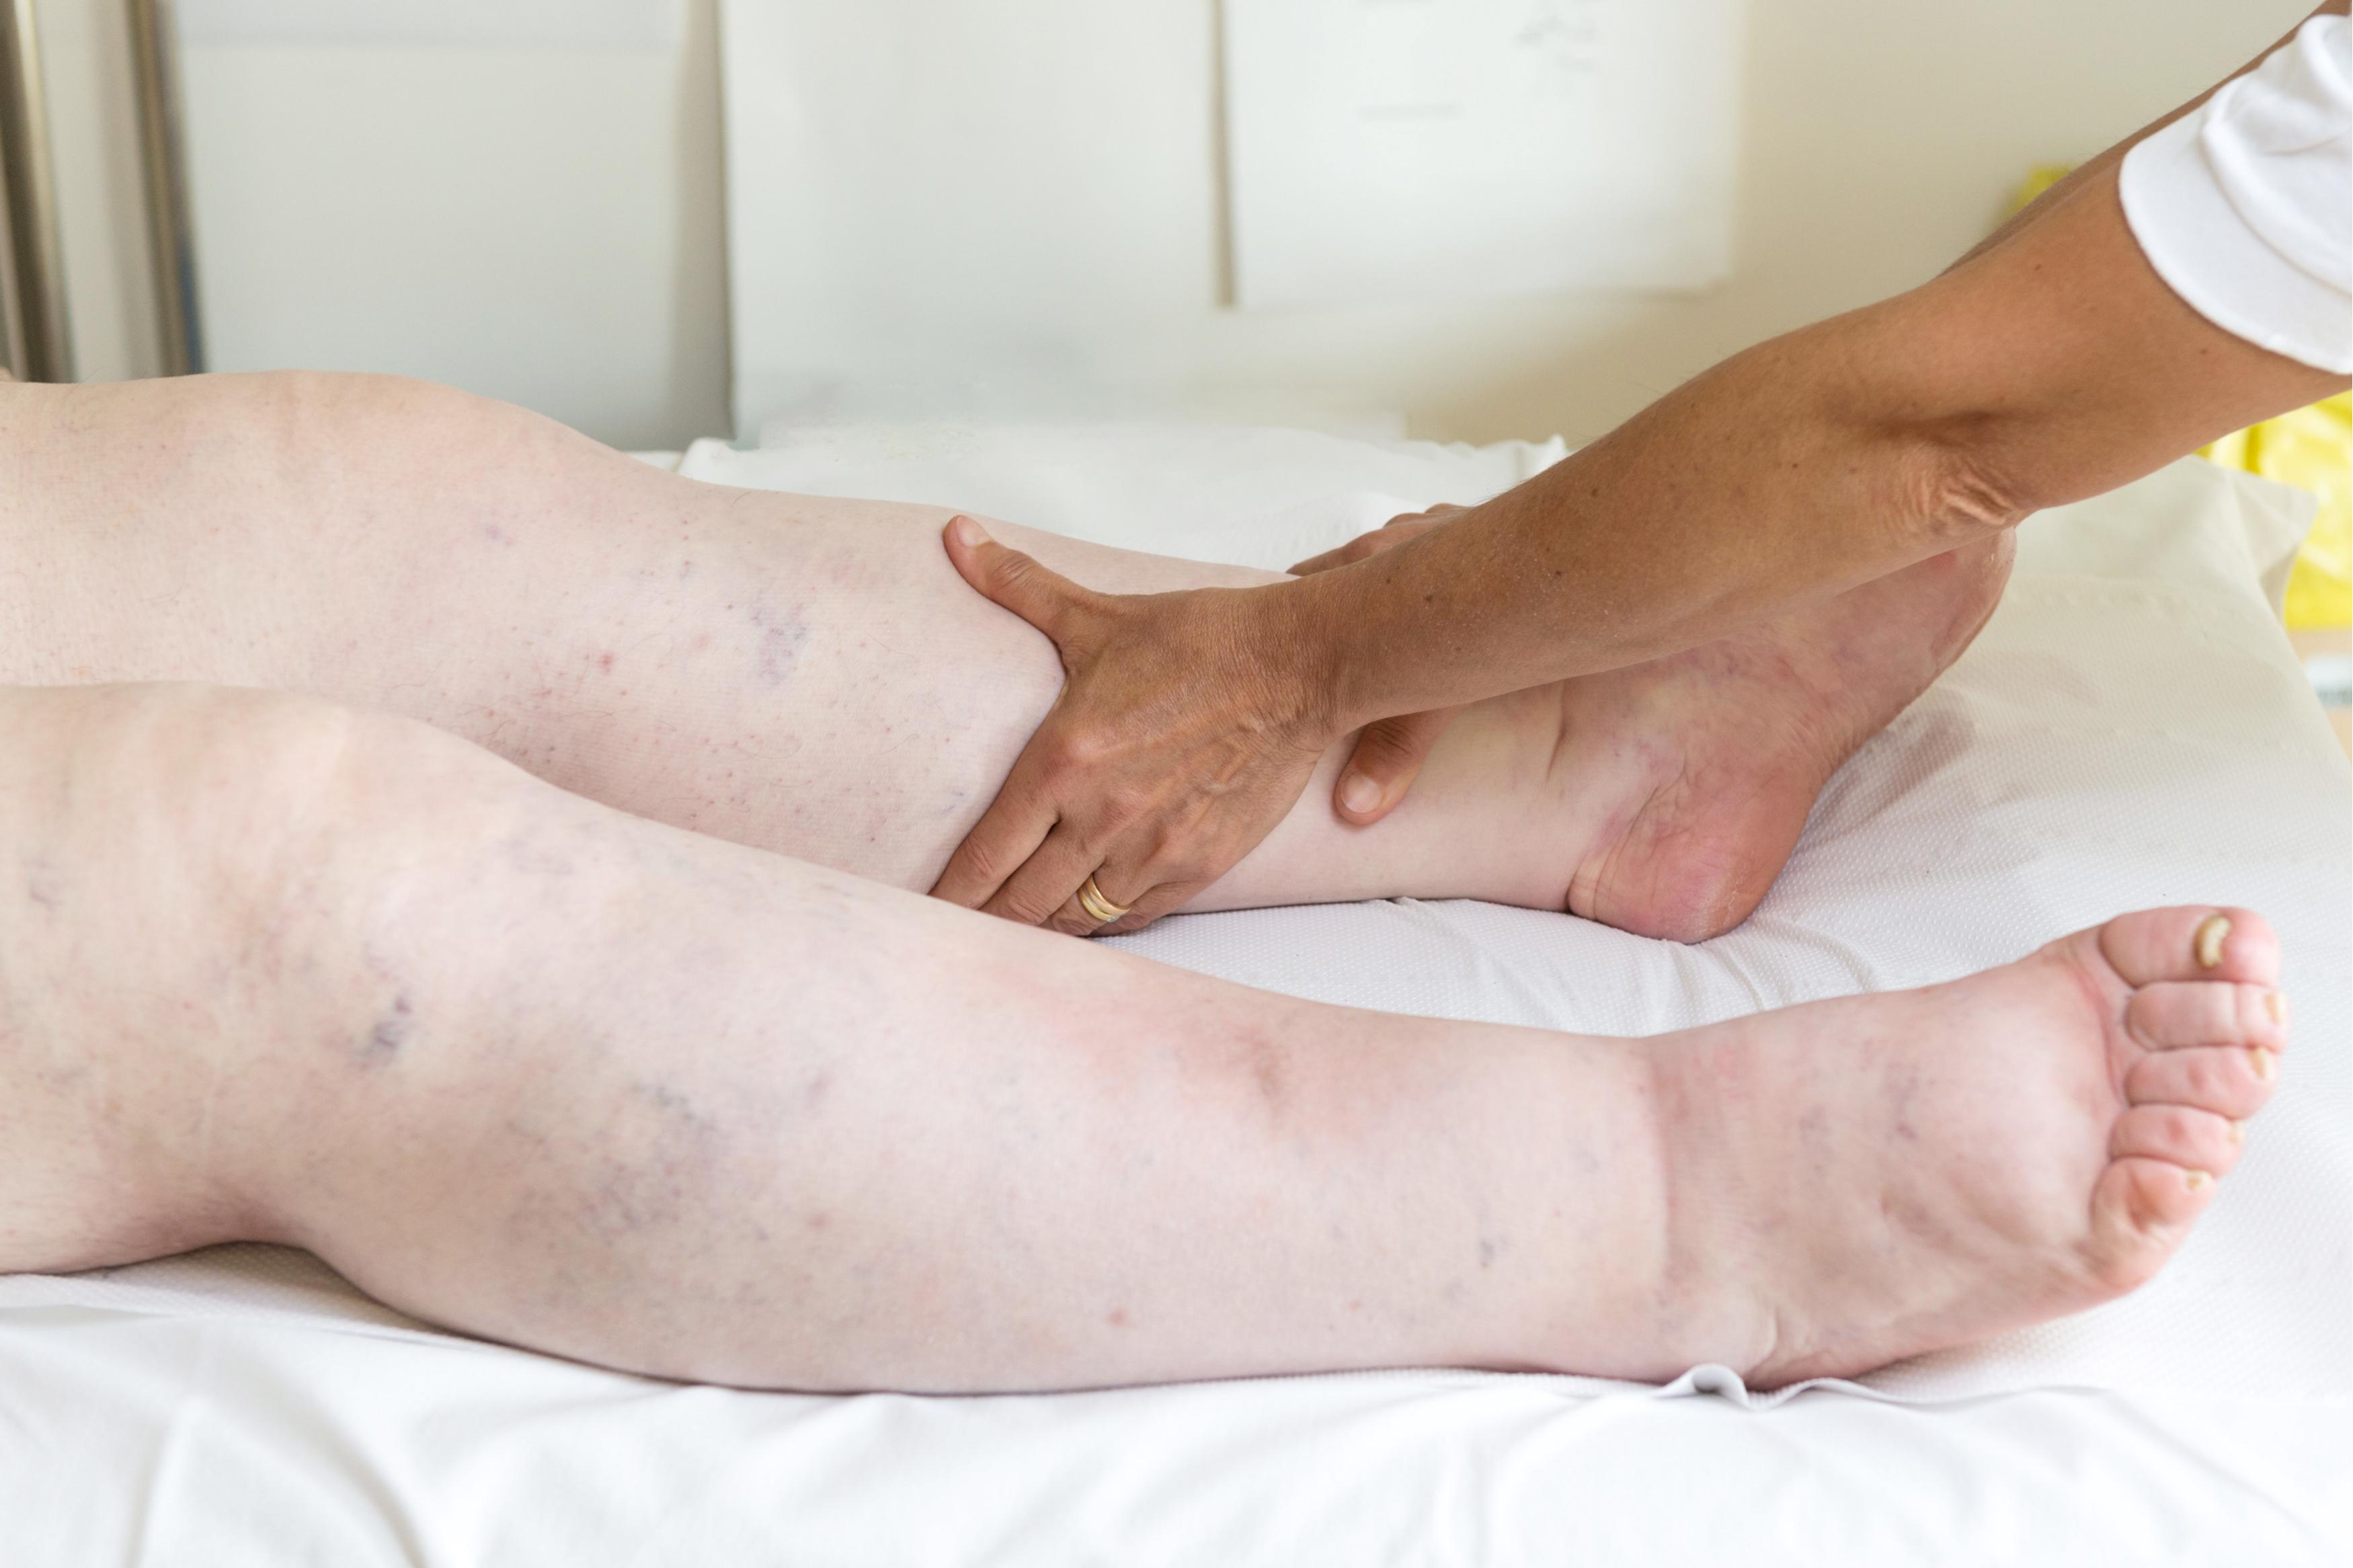 tratament pt picioare umflate si dureroase